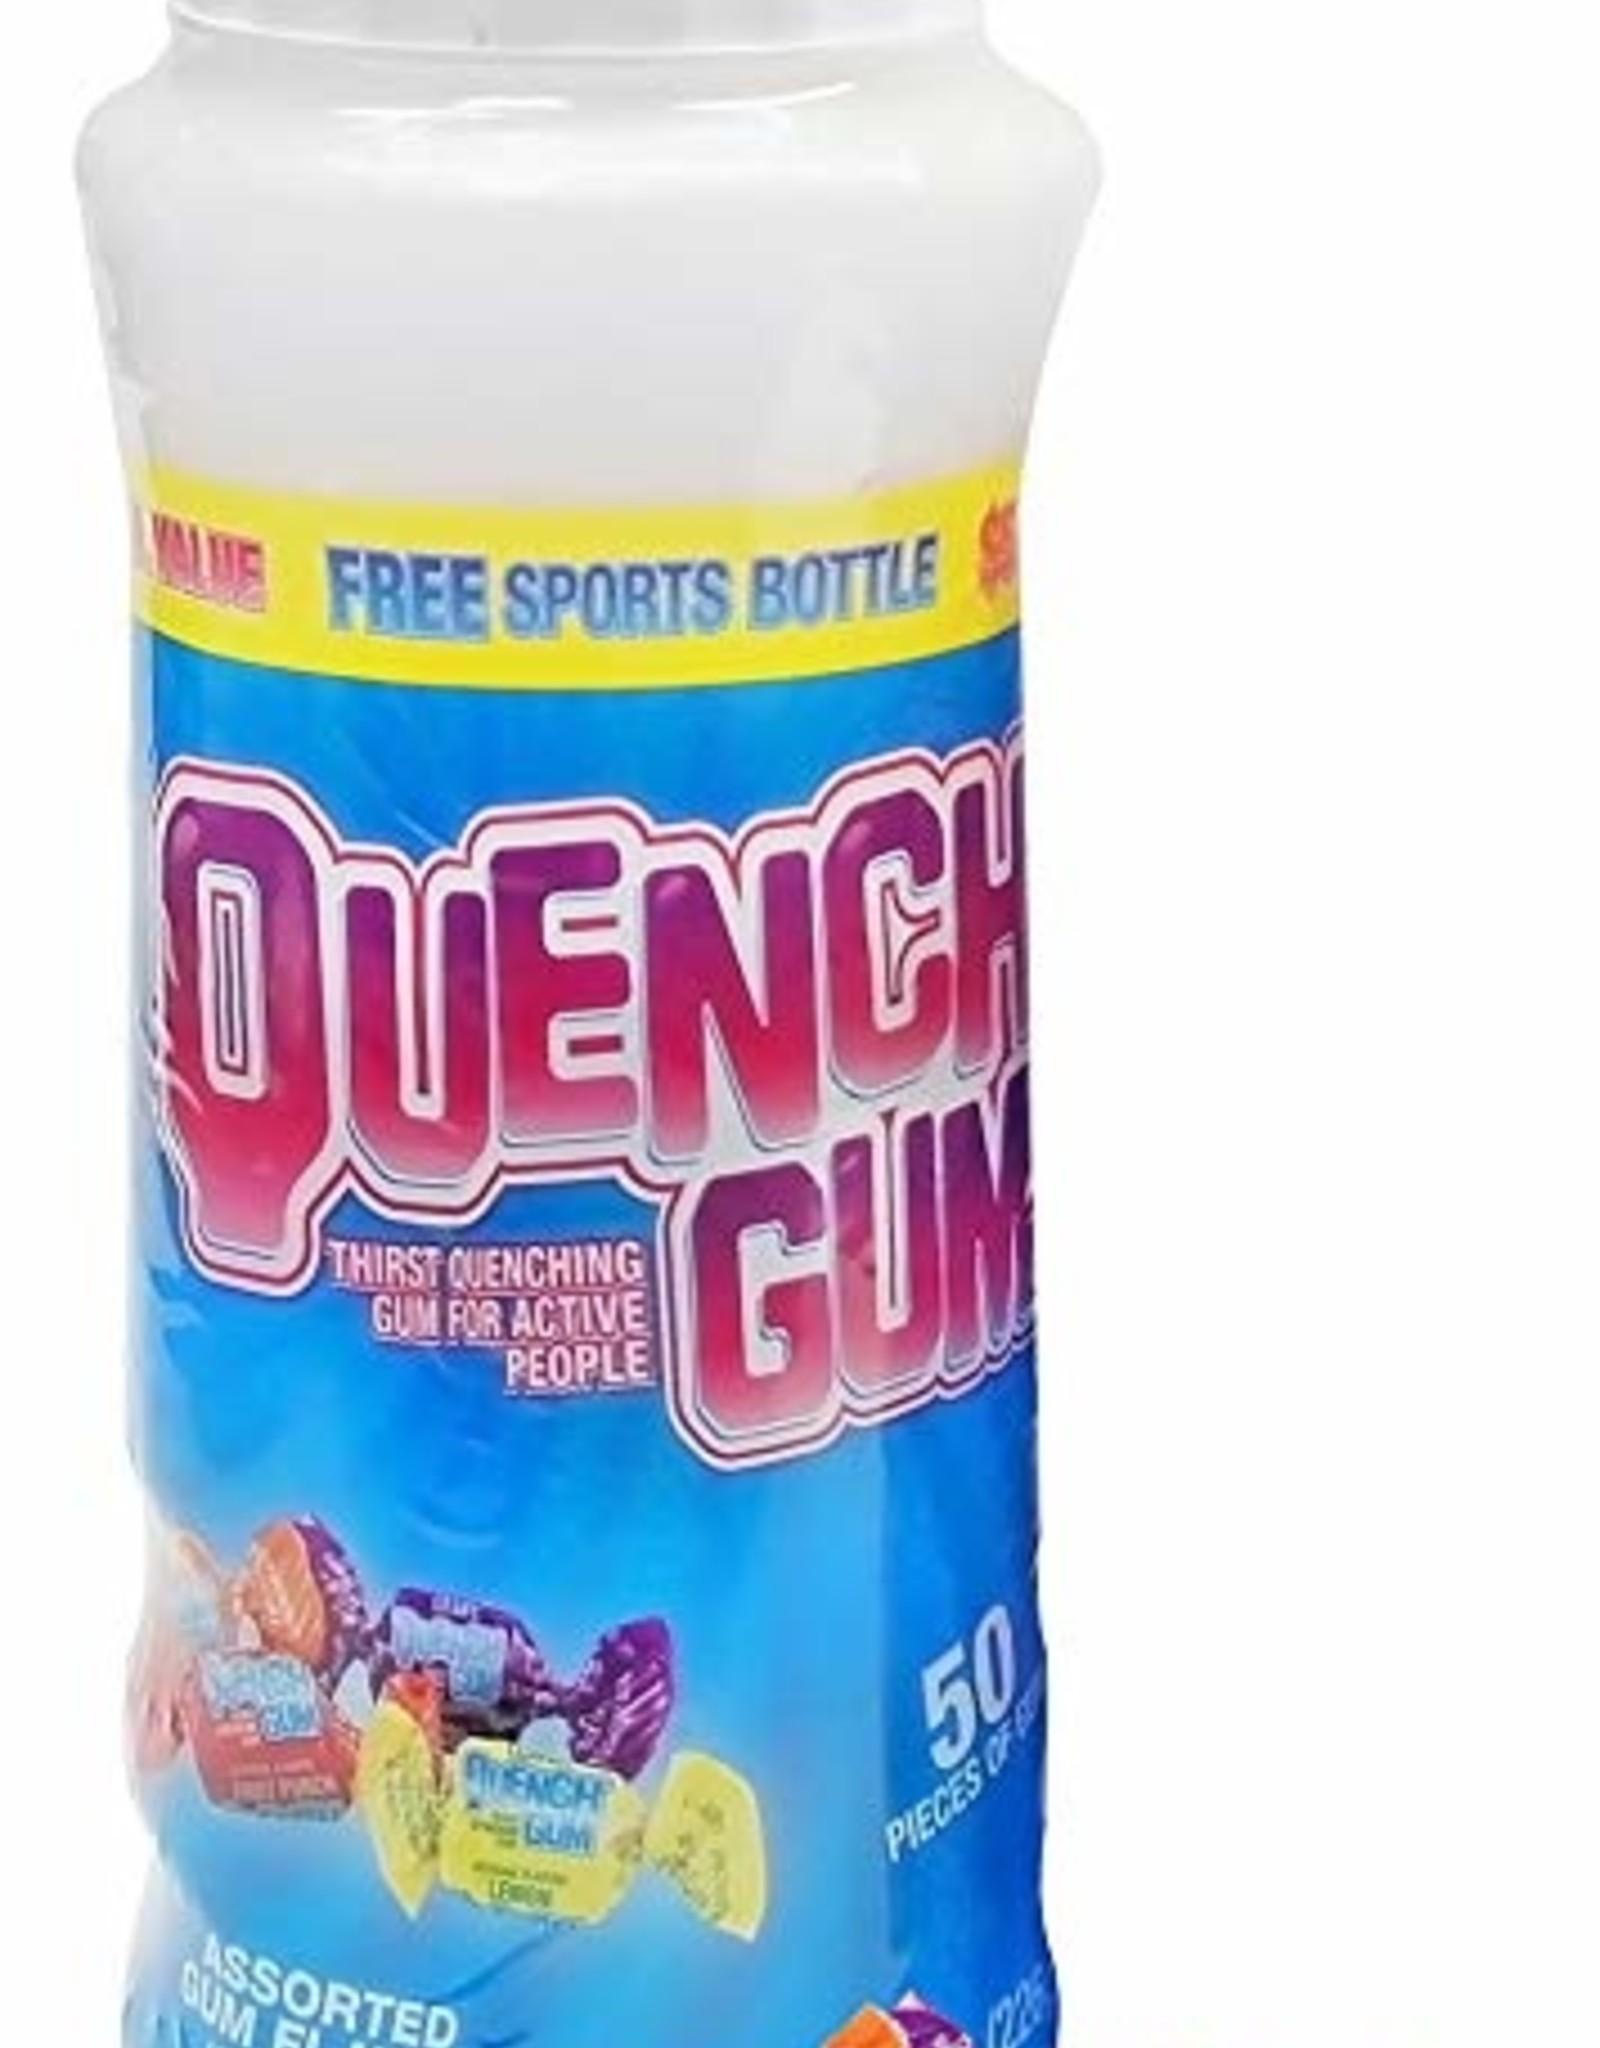 Mueller Quench Gum Quart Bottle